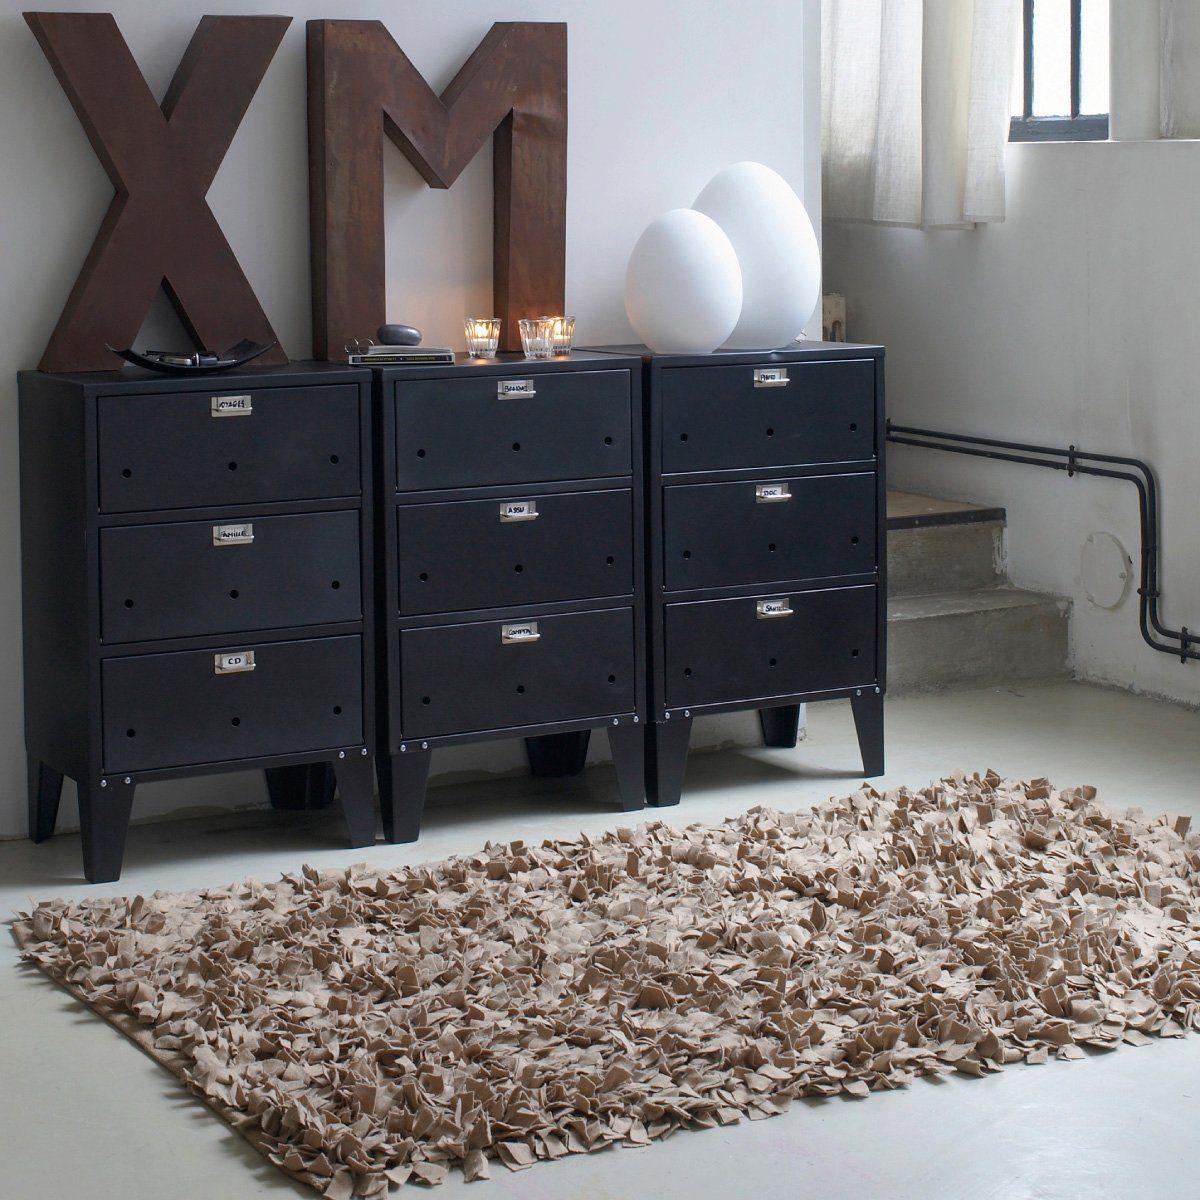 La Redoute Mode Francaise Meuble Metal Decoration Maison Decoration Interieure